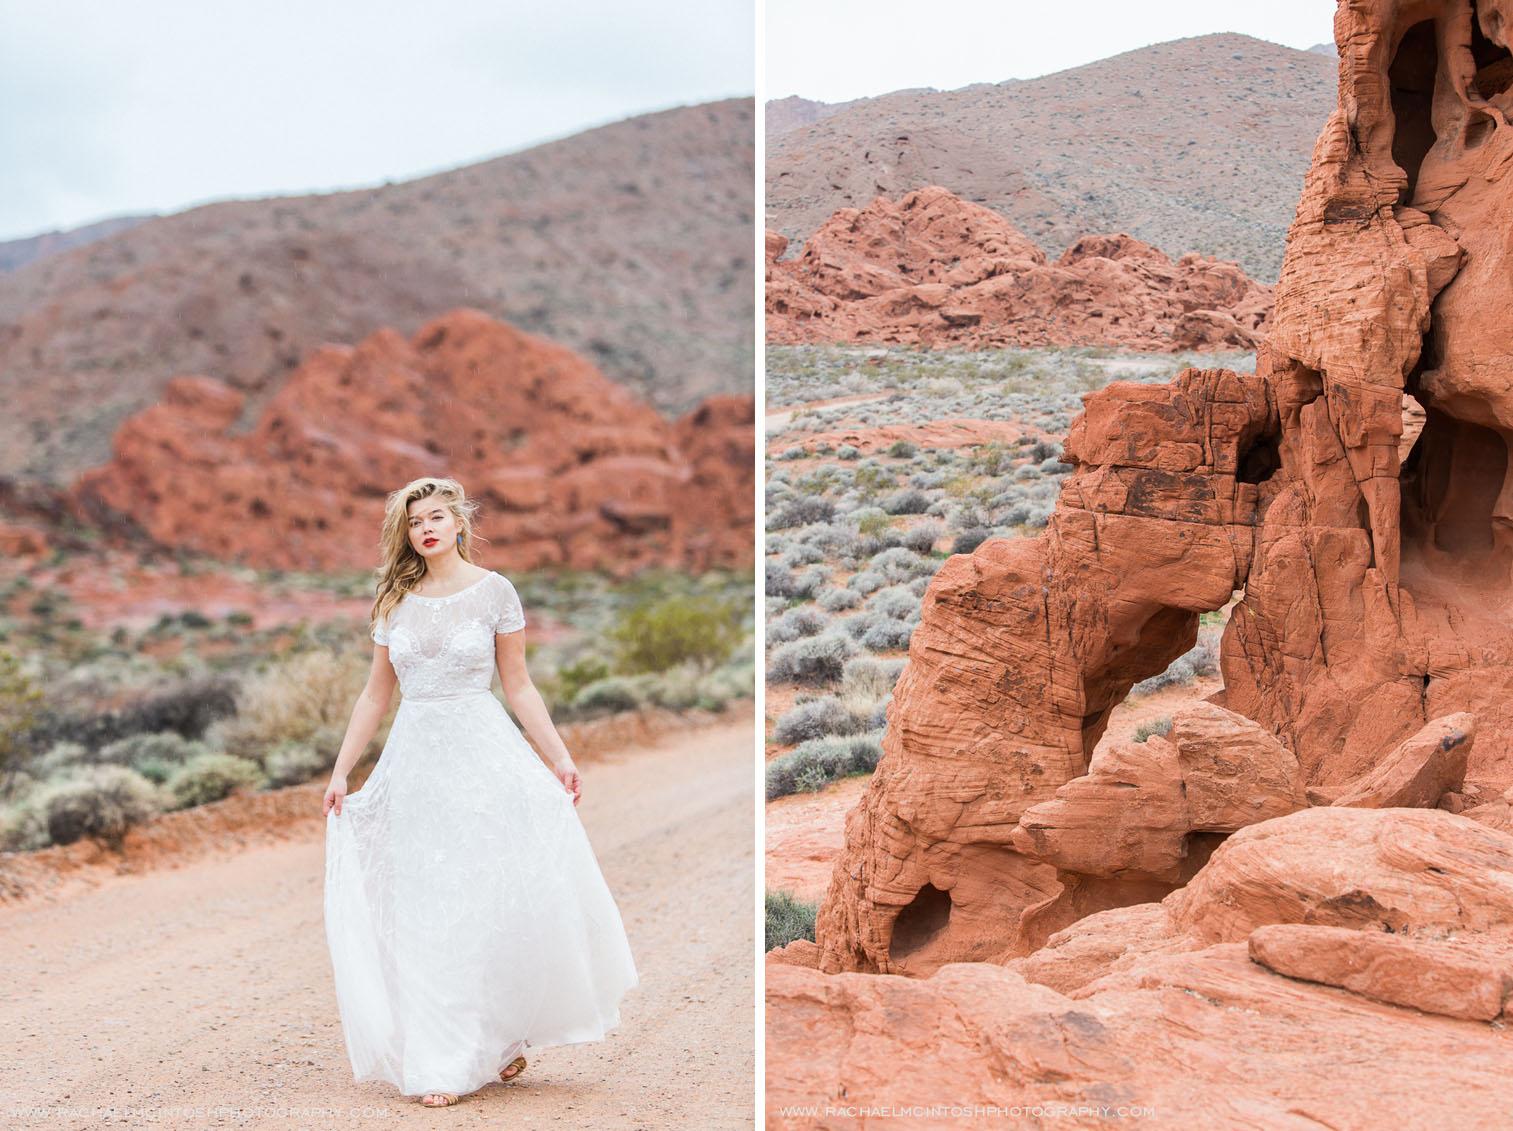 Khrystyana-styled-shoot-desert-wedding-31.jpg